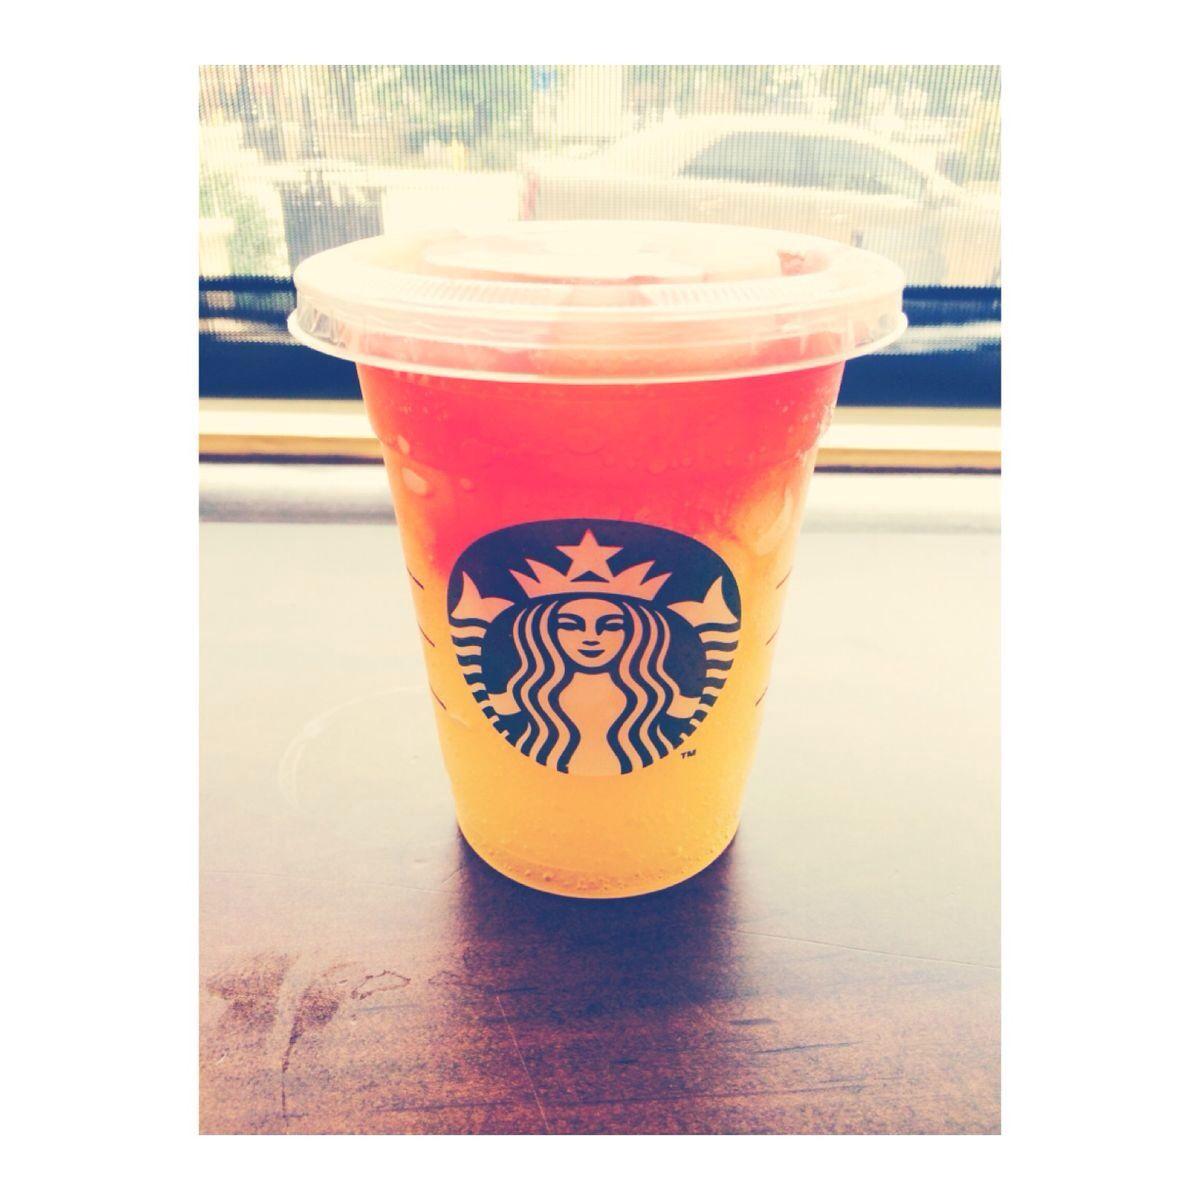 Starbucks drinks, Starbucks, Starbucks lovers